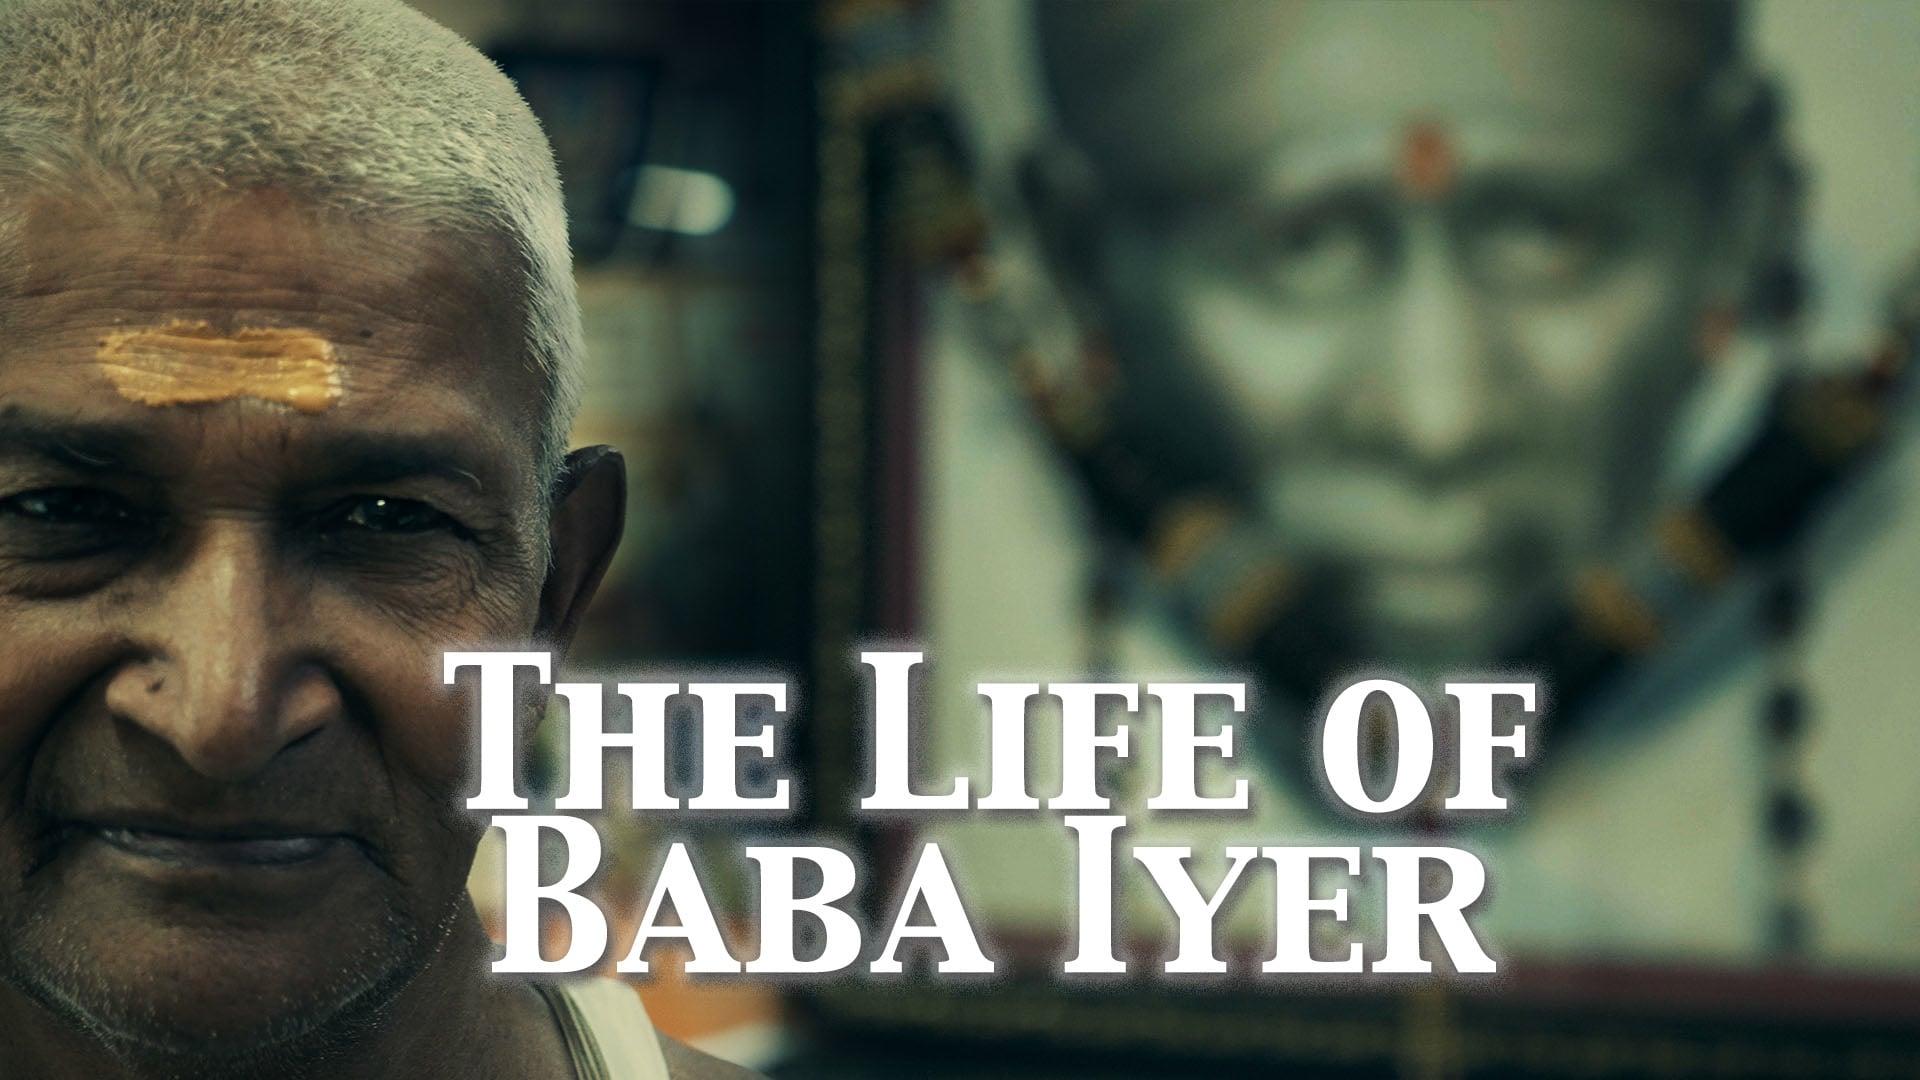 The Life of Baba Iyer